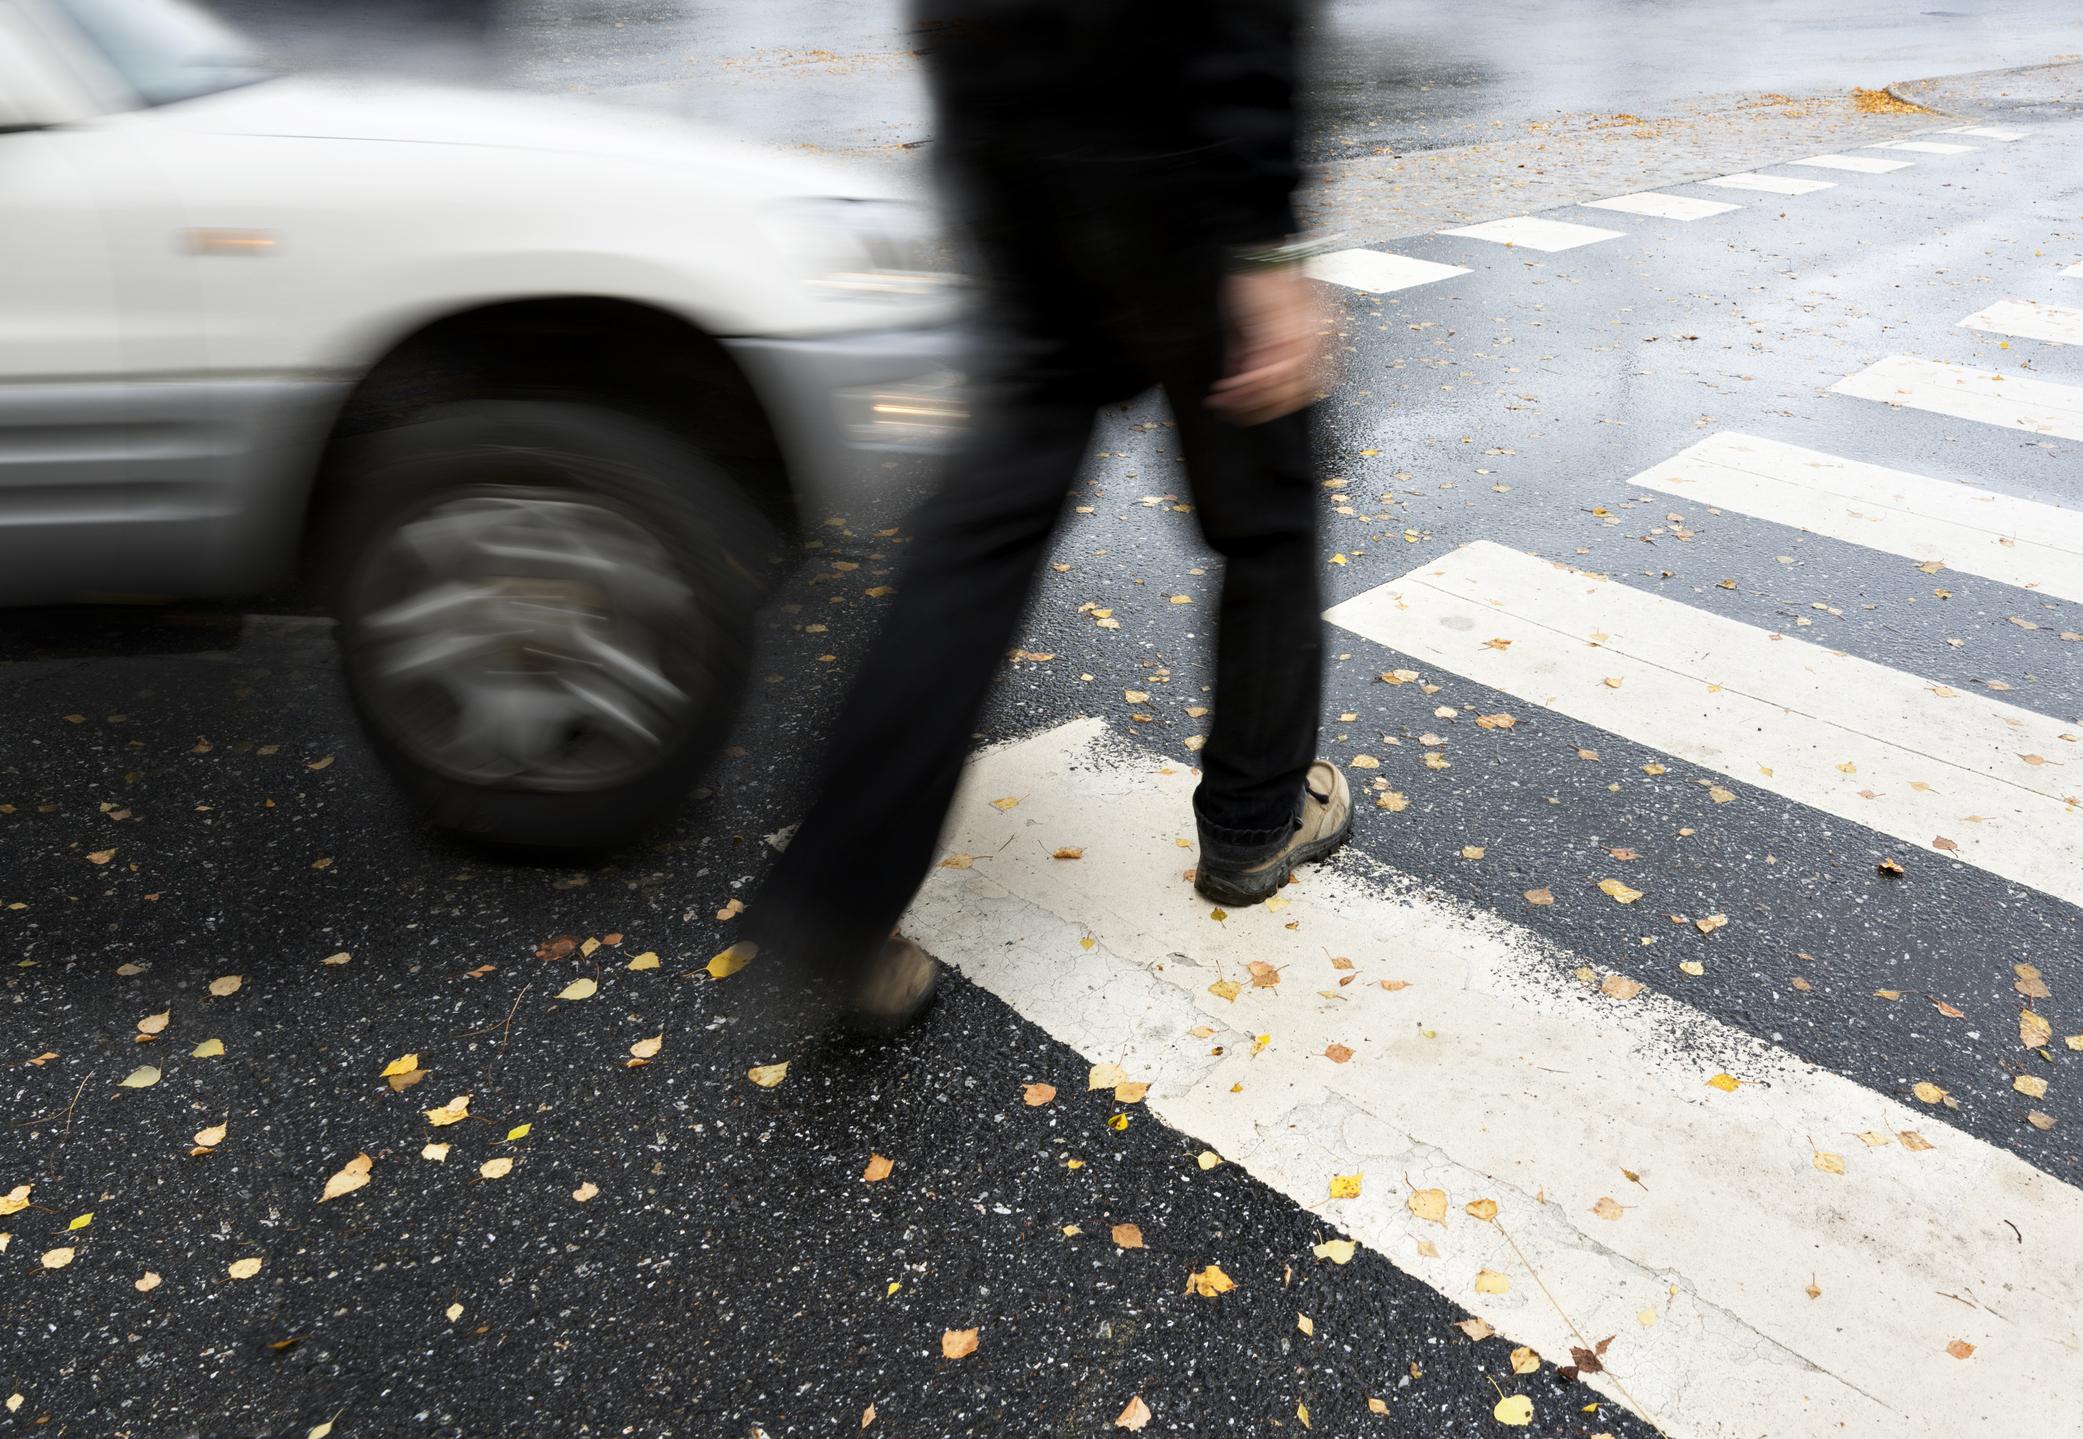 Avançar sobre a faixa de pedestre pode ser equiparado a não respeitar o sinal vermelho